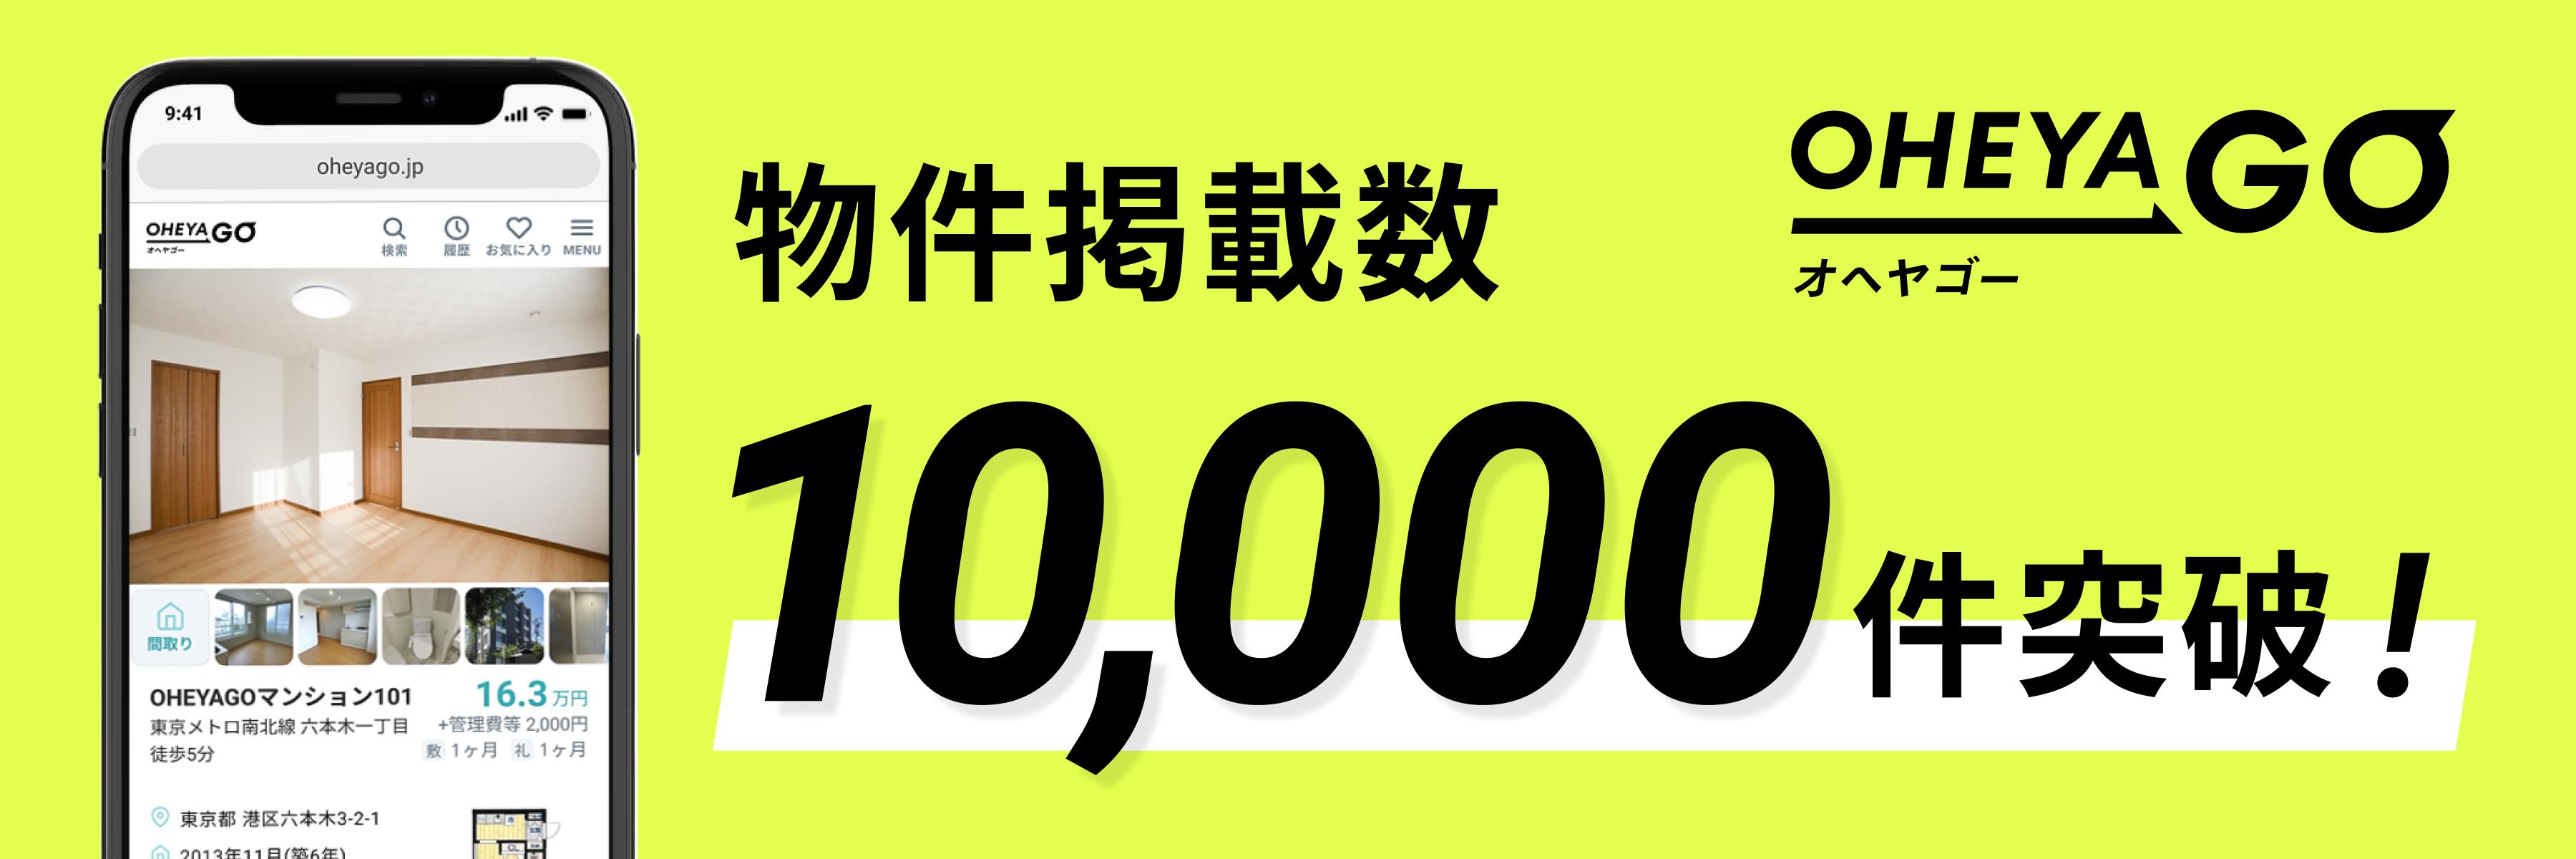 セルフ内見型賃貸サイト「OHEYAGO」掲載物件数 10,000件を突破